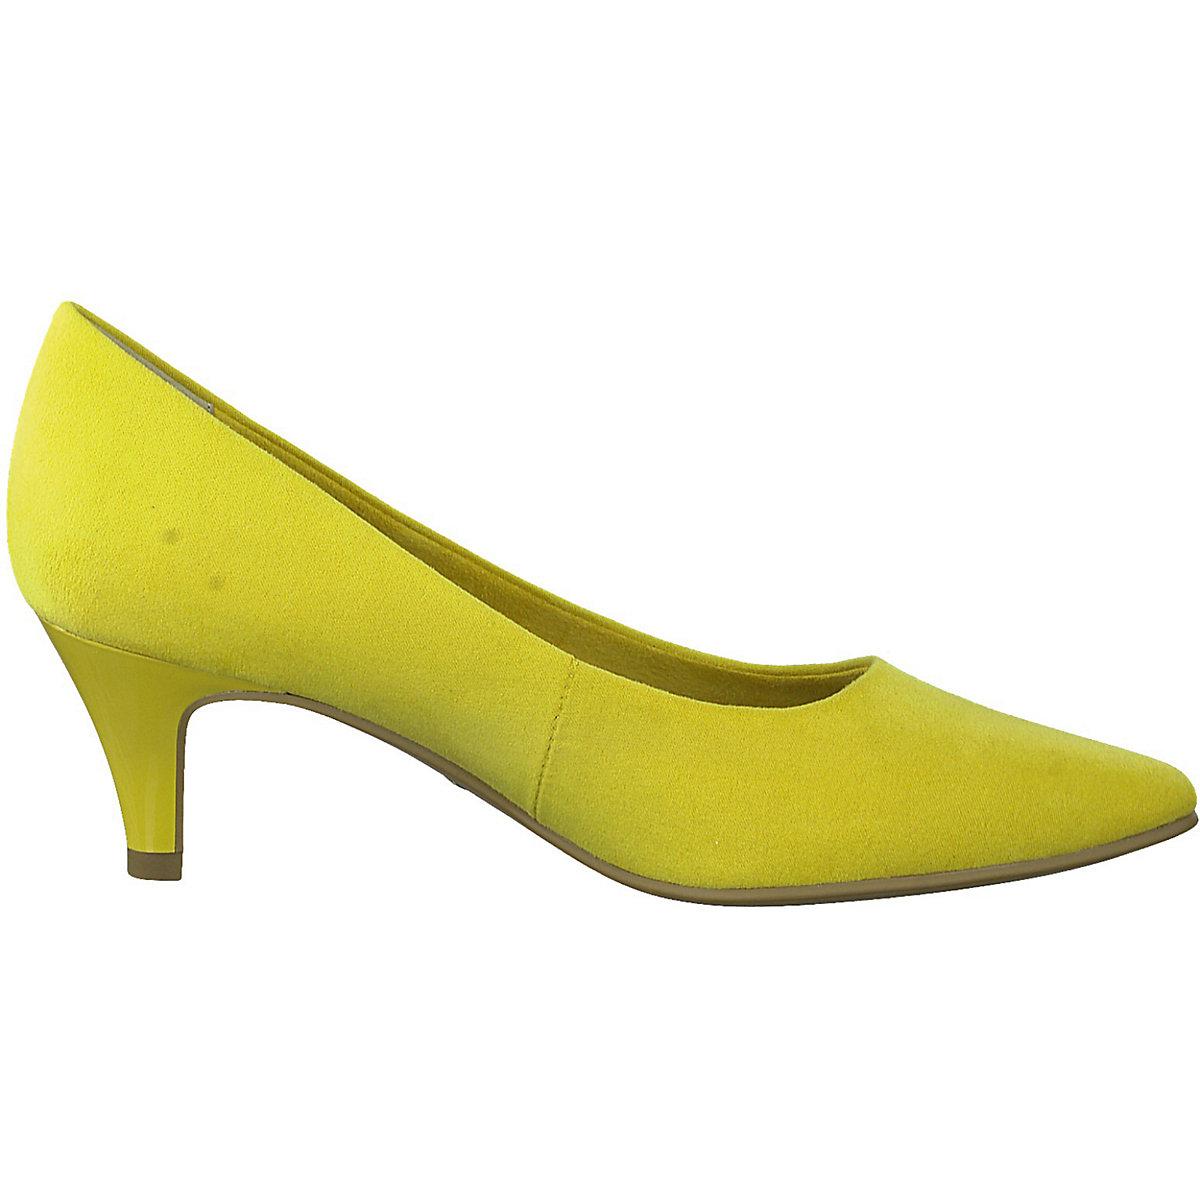 Tamaris, Klassische Pumps, gelb